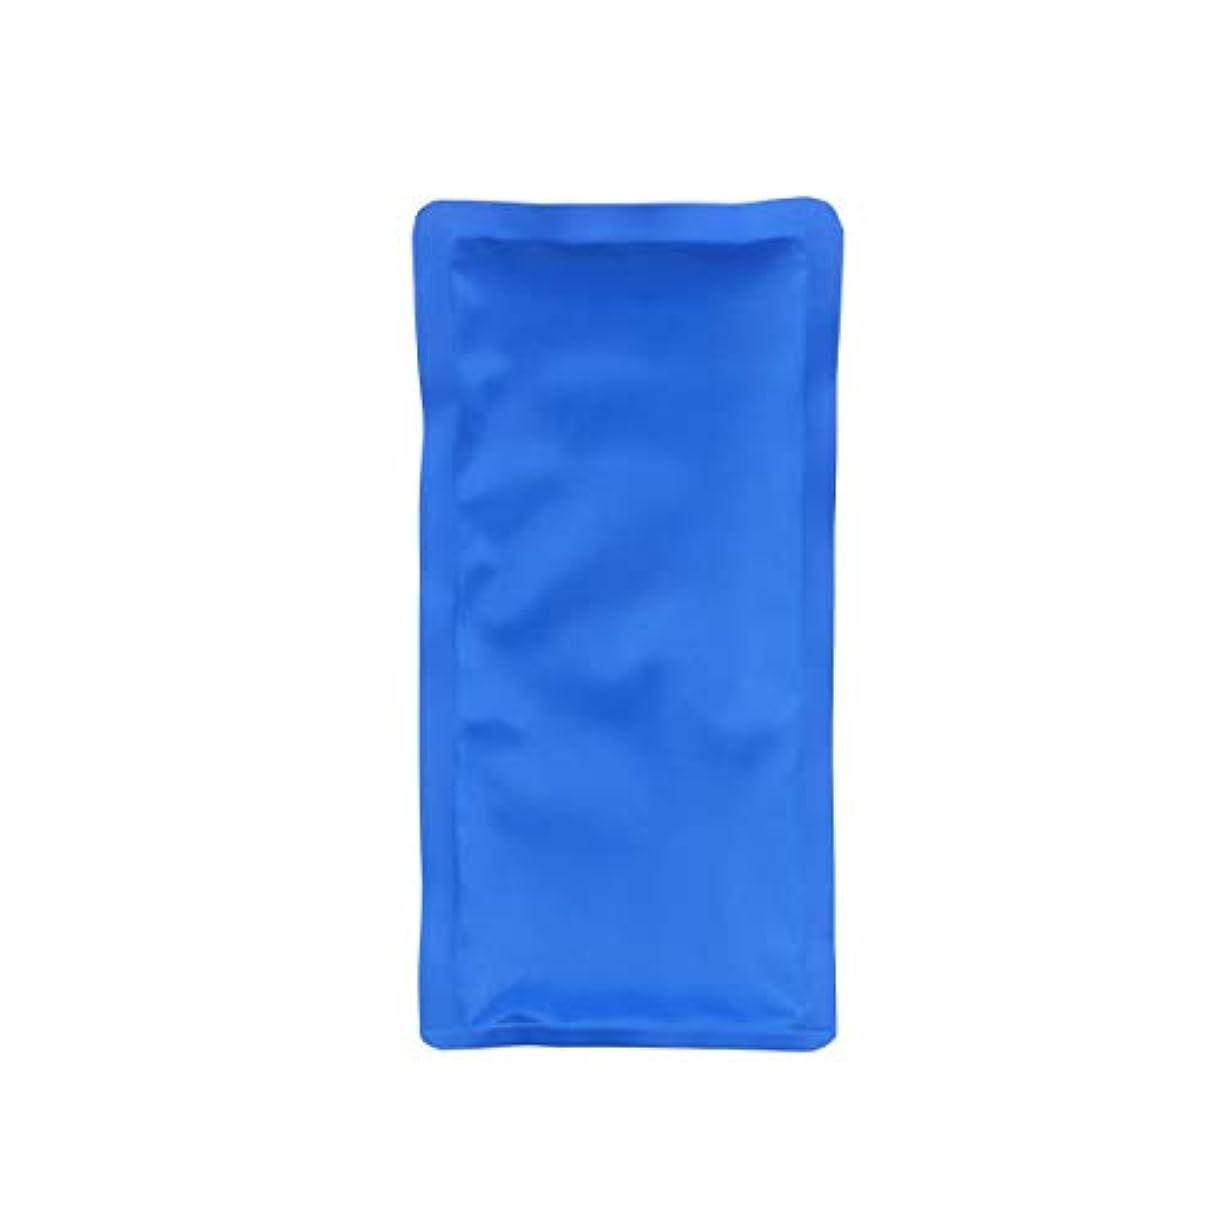 サスティーン雨赤外線傷害の子供および大人350MLのための熱い冷たいゲルのアイスパックの圧縮の覆い